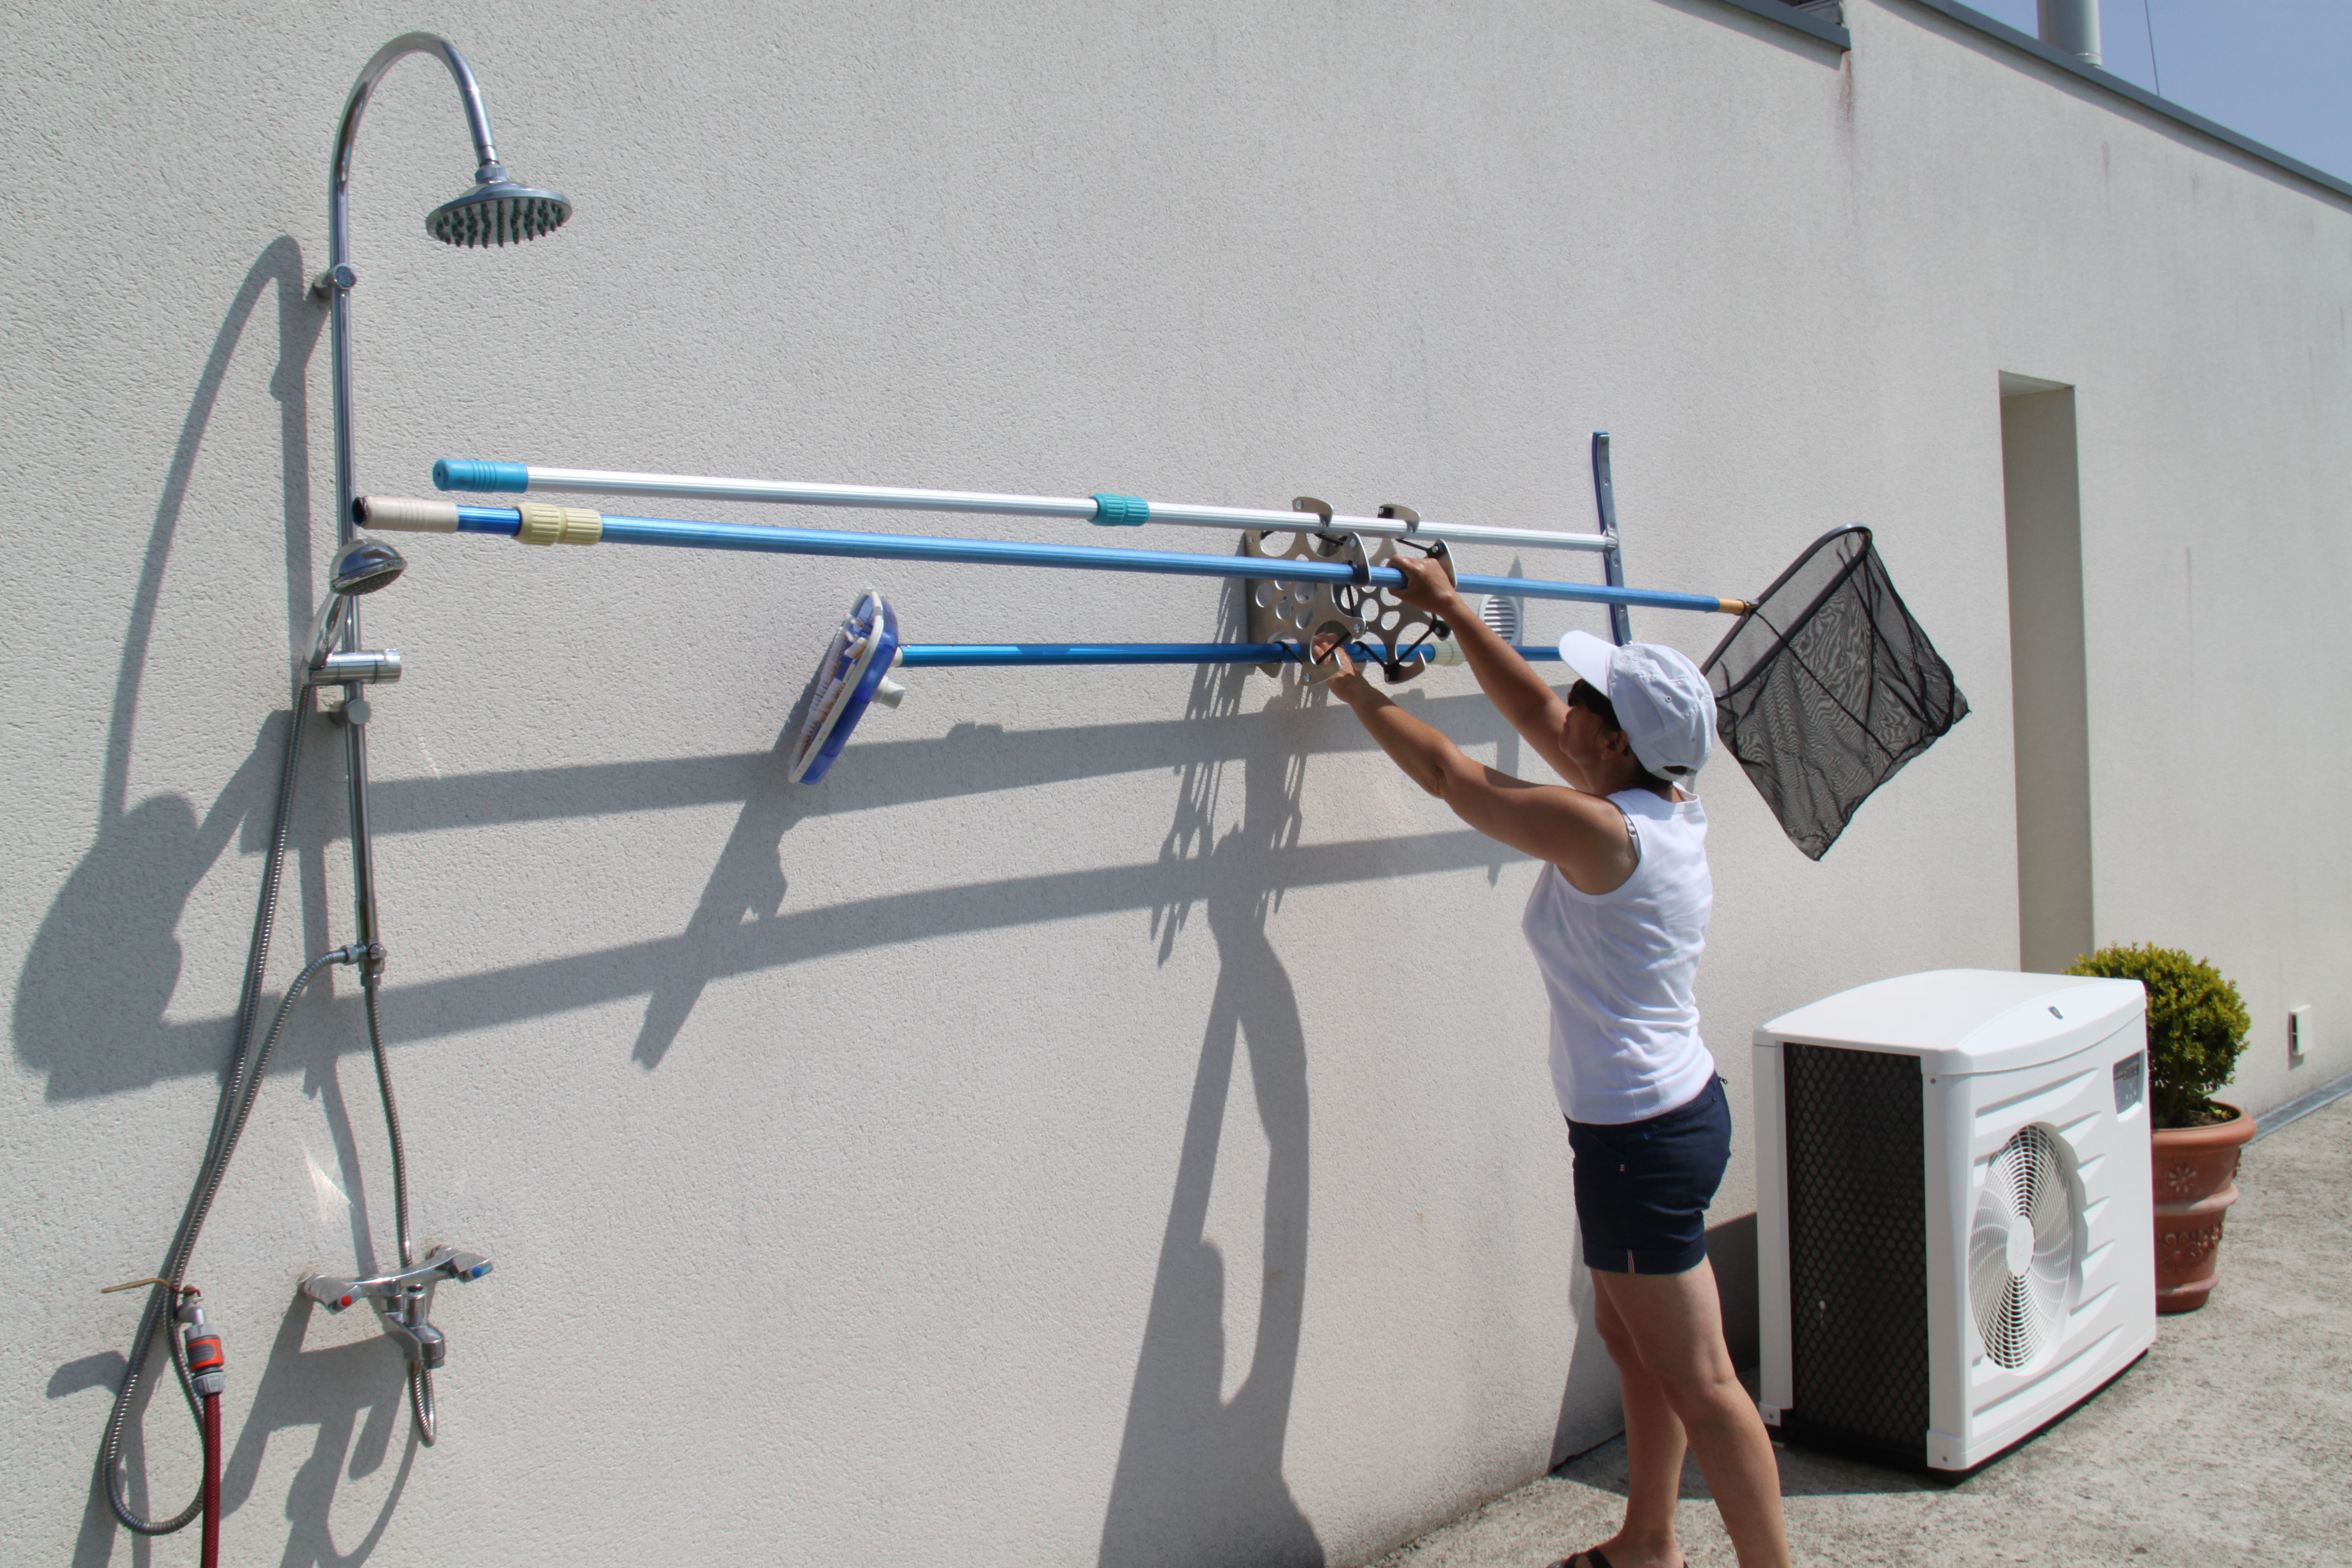 Prise en main d'une épuisette sur le support de rangement du matériel de nettoyage de piscines